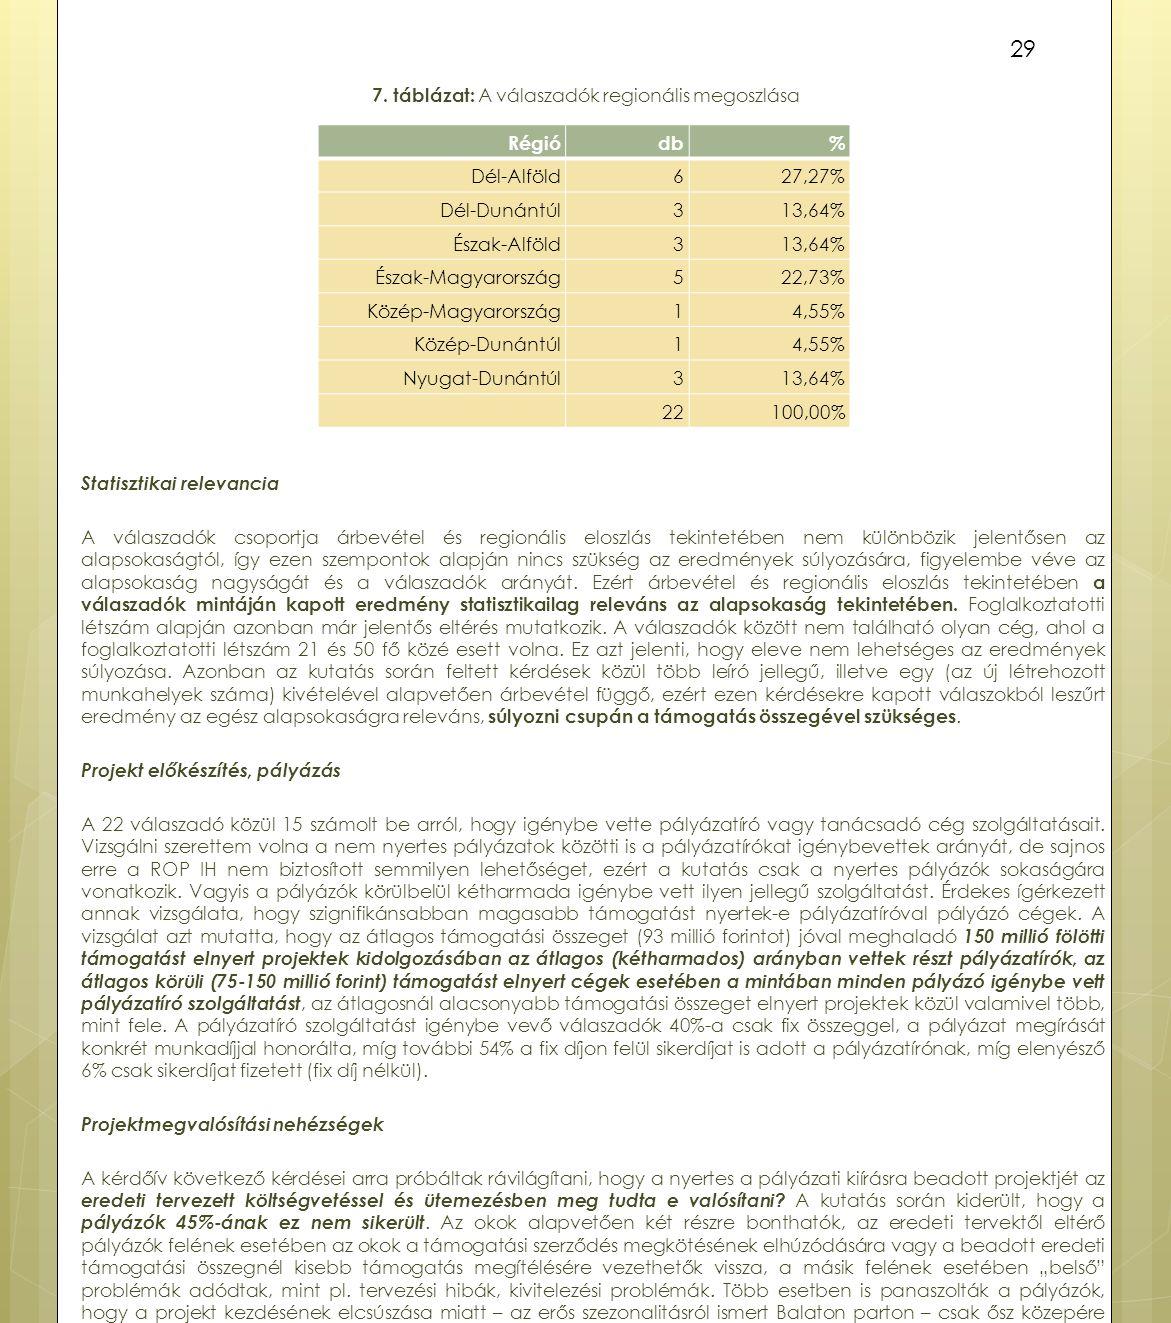 7. táblázat: A válaszadók regionális megoszlása